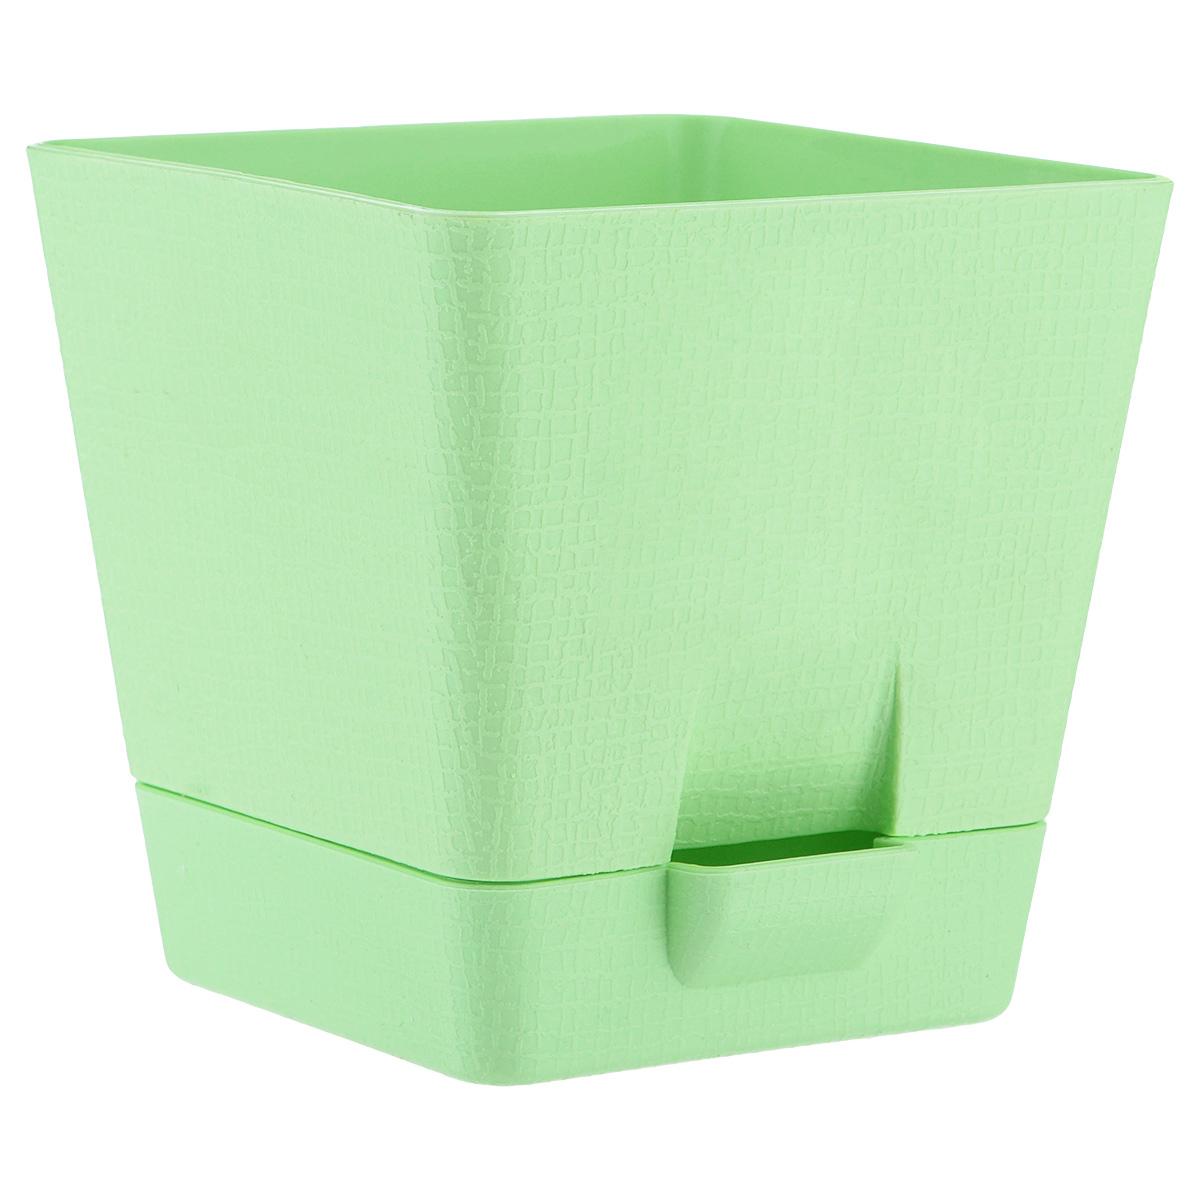 Горшок для цветов Le Parterre, с поддоном, цвет: зеленый, 2 л211-1Любой, даже самый современный и продуманный интерьер будет не завершённым без растений. Они не только очищают воздух и насыщают его кислородом, но и заметно украшают окружающее пространство. Такому полезному &laquo члену семьи&raquoпросто необходимо красивое и функциональное кашпо, оригинальный горшок или необычная ваза! Мы предлагаем - Горшок для цветов с поддоном 2 л Le Parterre, d=15 см, квадратный, цвет зеленый!Оптимальный выбор материала &mdash &nbsp пластмасса! Почему мы так считаем? Малый вес. С лёгкостью переносите горшки и кашпо с места на место, ставьте их на столики или полки, подвешивайте под потолок, не беспокоясь о нагрузке. Простота ухода. Пластиковые изделия не нуждаются в специальных условиях хранения. Их&nbsp легко чистить &mdashдостаточно просто сполоснуть тёплой водой. Никаких царапин. Пластиковые кашпо не царапают и не загрязняют поверхности, на которых стоят. Пластик дольше хранит влагу, а значит &mdashрастение реже нуждается в поливе. Пластмасса не пропускает воздух &mdashкорневой системе растения не грозят резкие перепады температур. Огромный выбор форм, декора и расцветок &mdashвы без труда подберёте что-то, что идеально впишется в уже существующий интерьер.Соблюдая нехитрые правила ухода, вы можете заметно продлить срок службы горшков, вазонов и кашпо из пластика: всегда учитывайте размер кроны и корневой системы растения (при разрастании большое растение способно повредить маленький горшок)берегите изделие от воздействия прямых солнечных лучей, чтобы кашпо и горшки не выцветалидержите кашпо и горшки из пластика подальше от нагревающихся поверхностей.Создавайте прекрасные цветочные композиции, выращивайте рассаду или необычные растения, а низкие цены позволят вам не ограничивать себя в выборе.